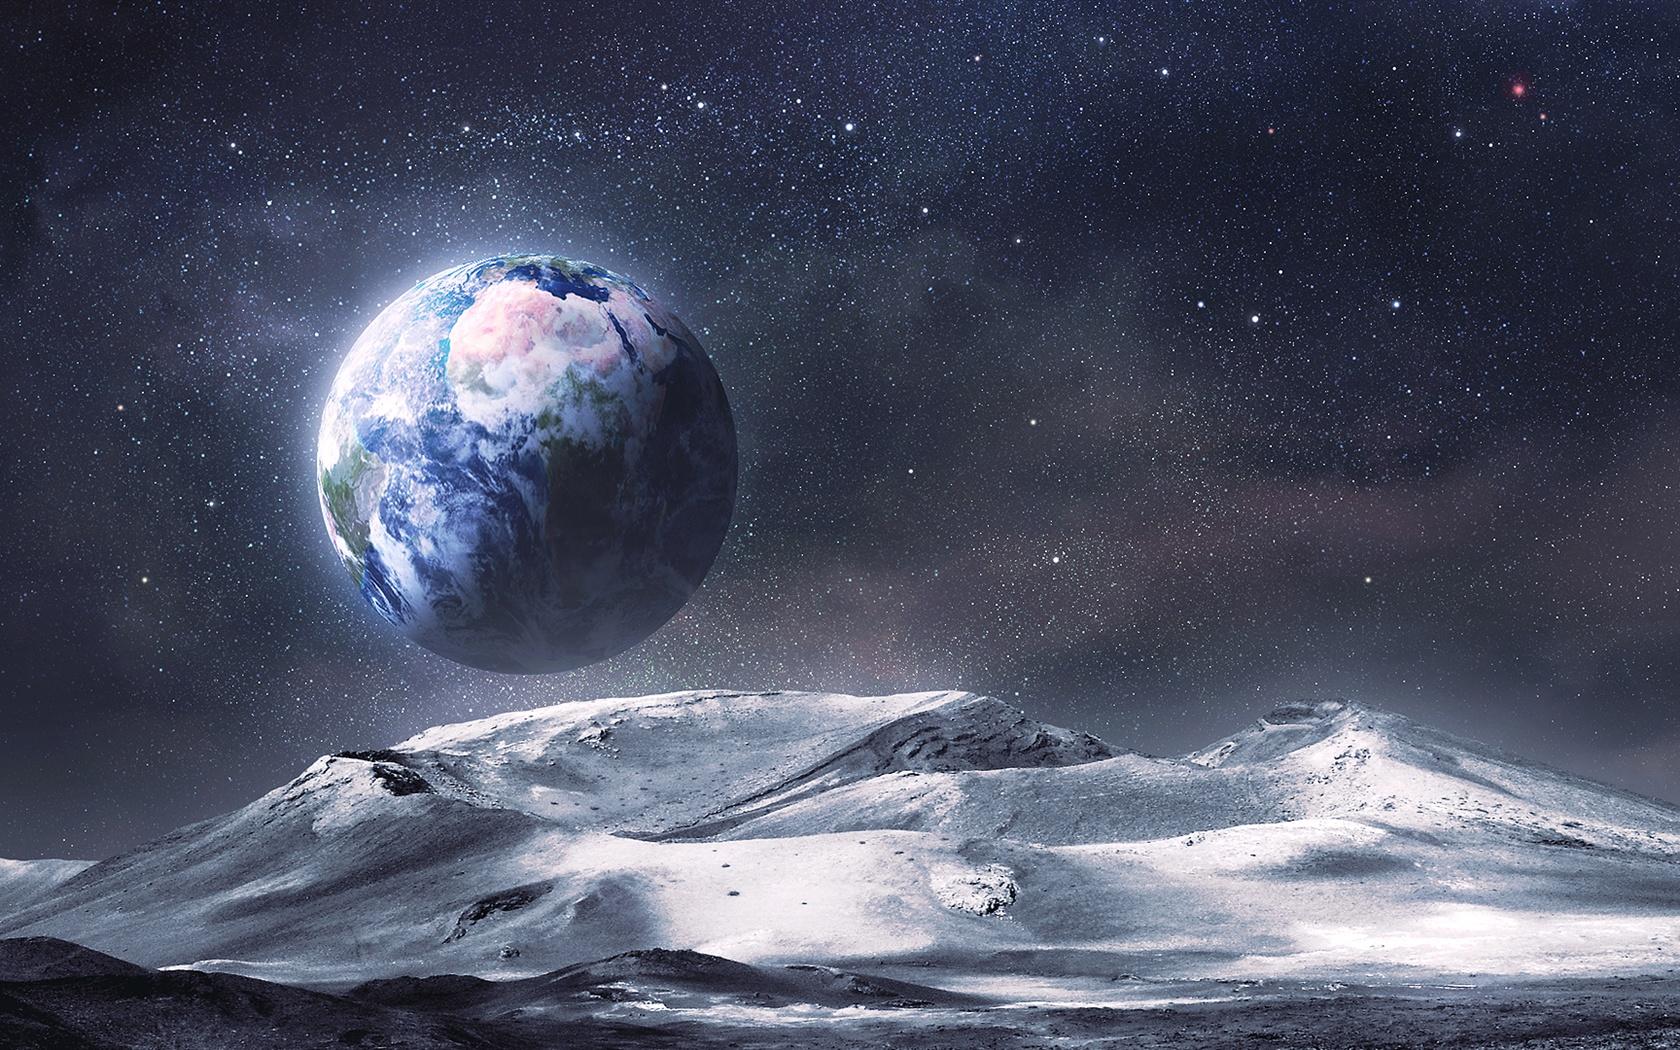 우주 행성에서 지구보기 배경 화면   1680x1050 배경 화면 다운로드   KR.Best ...